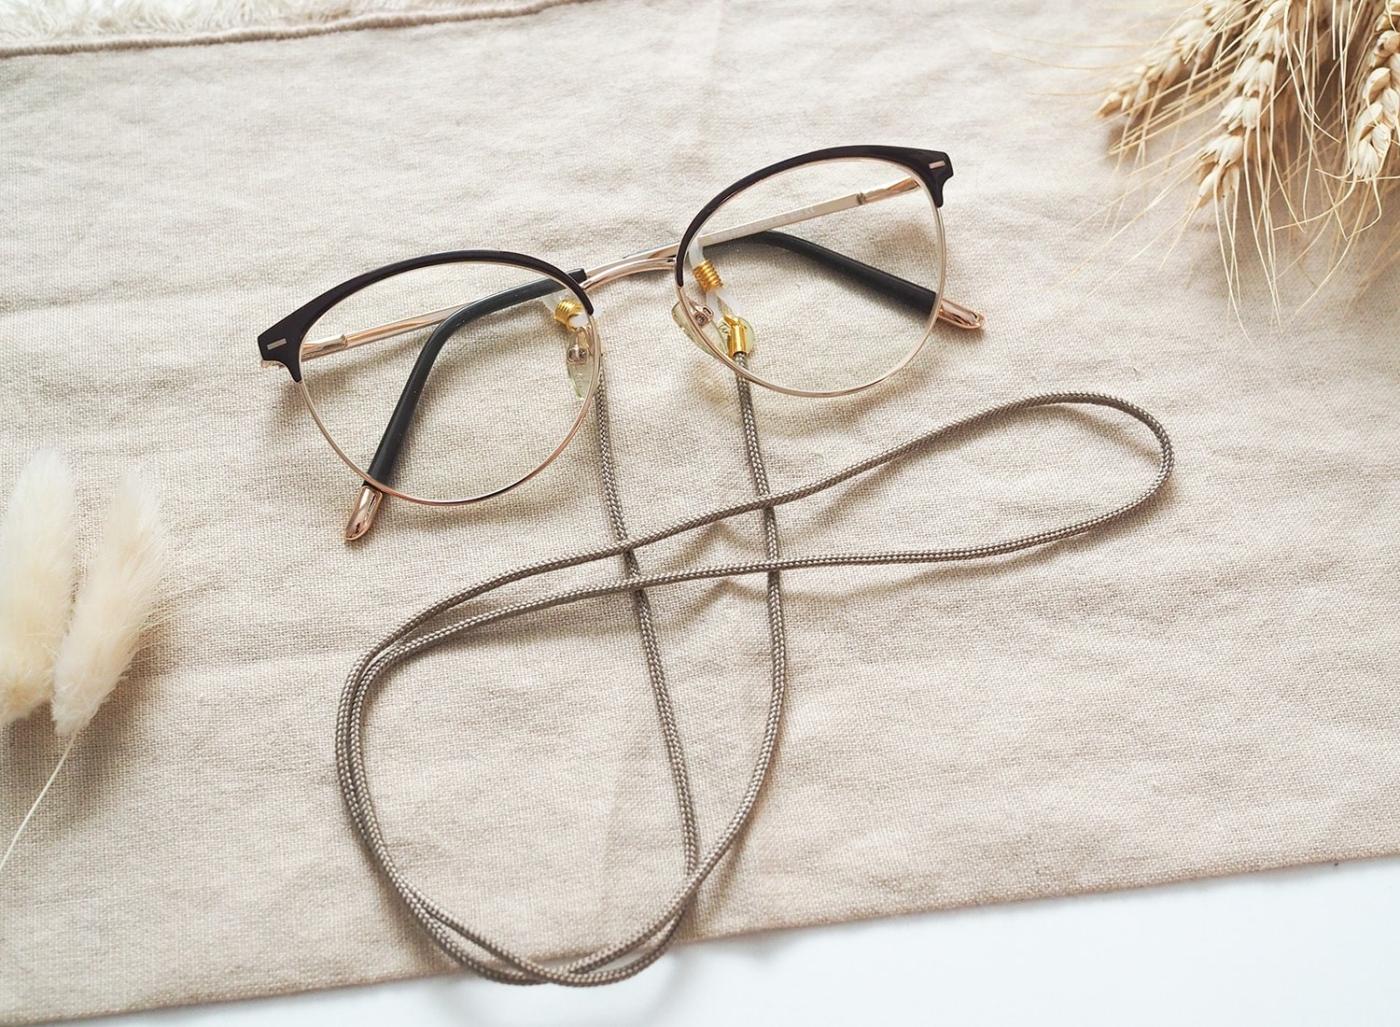 Zartes Brillenband in tan/taupe mit goldenen Details und Silikonschlaufen.